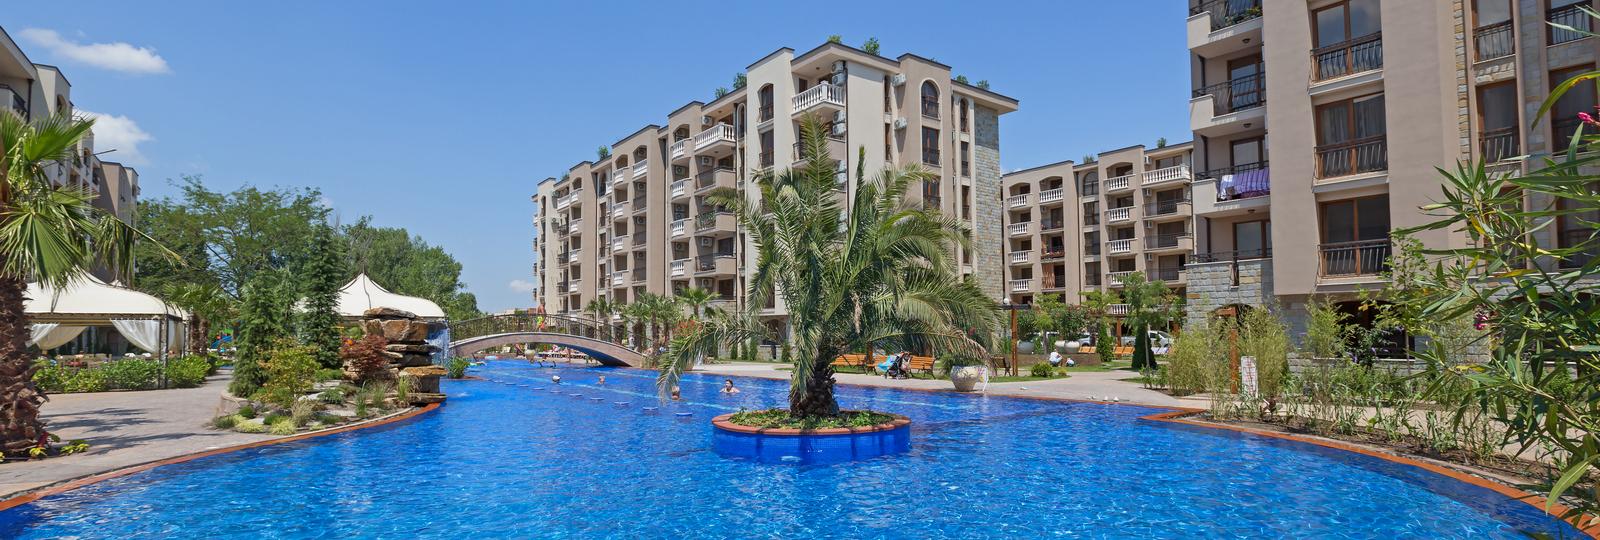 Недвижимость на западе болгарии дубай недорого недвижимость в